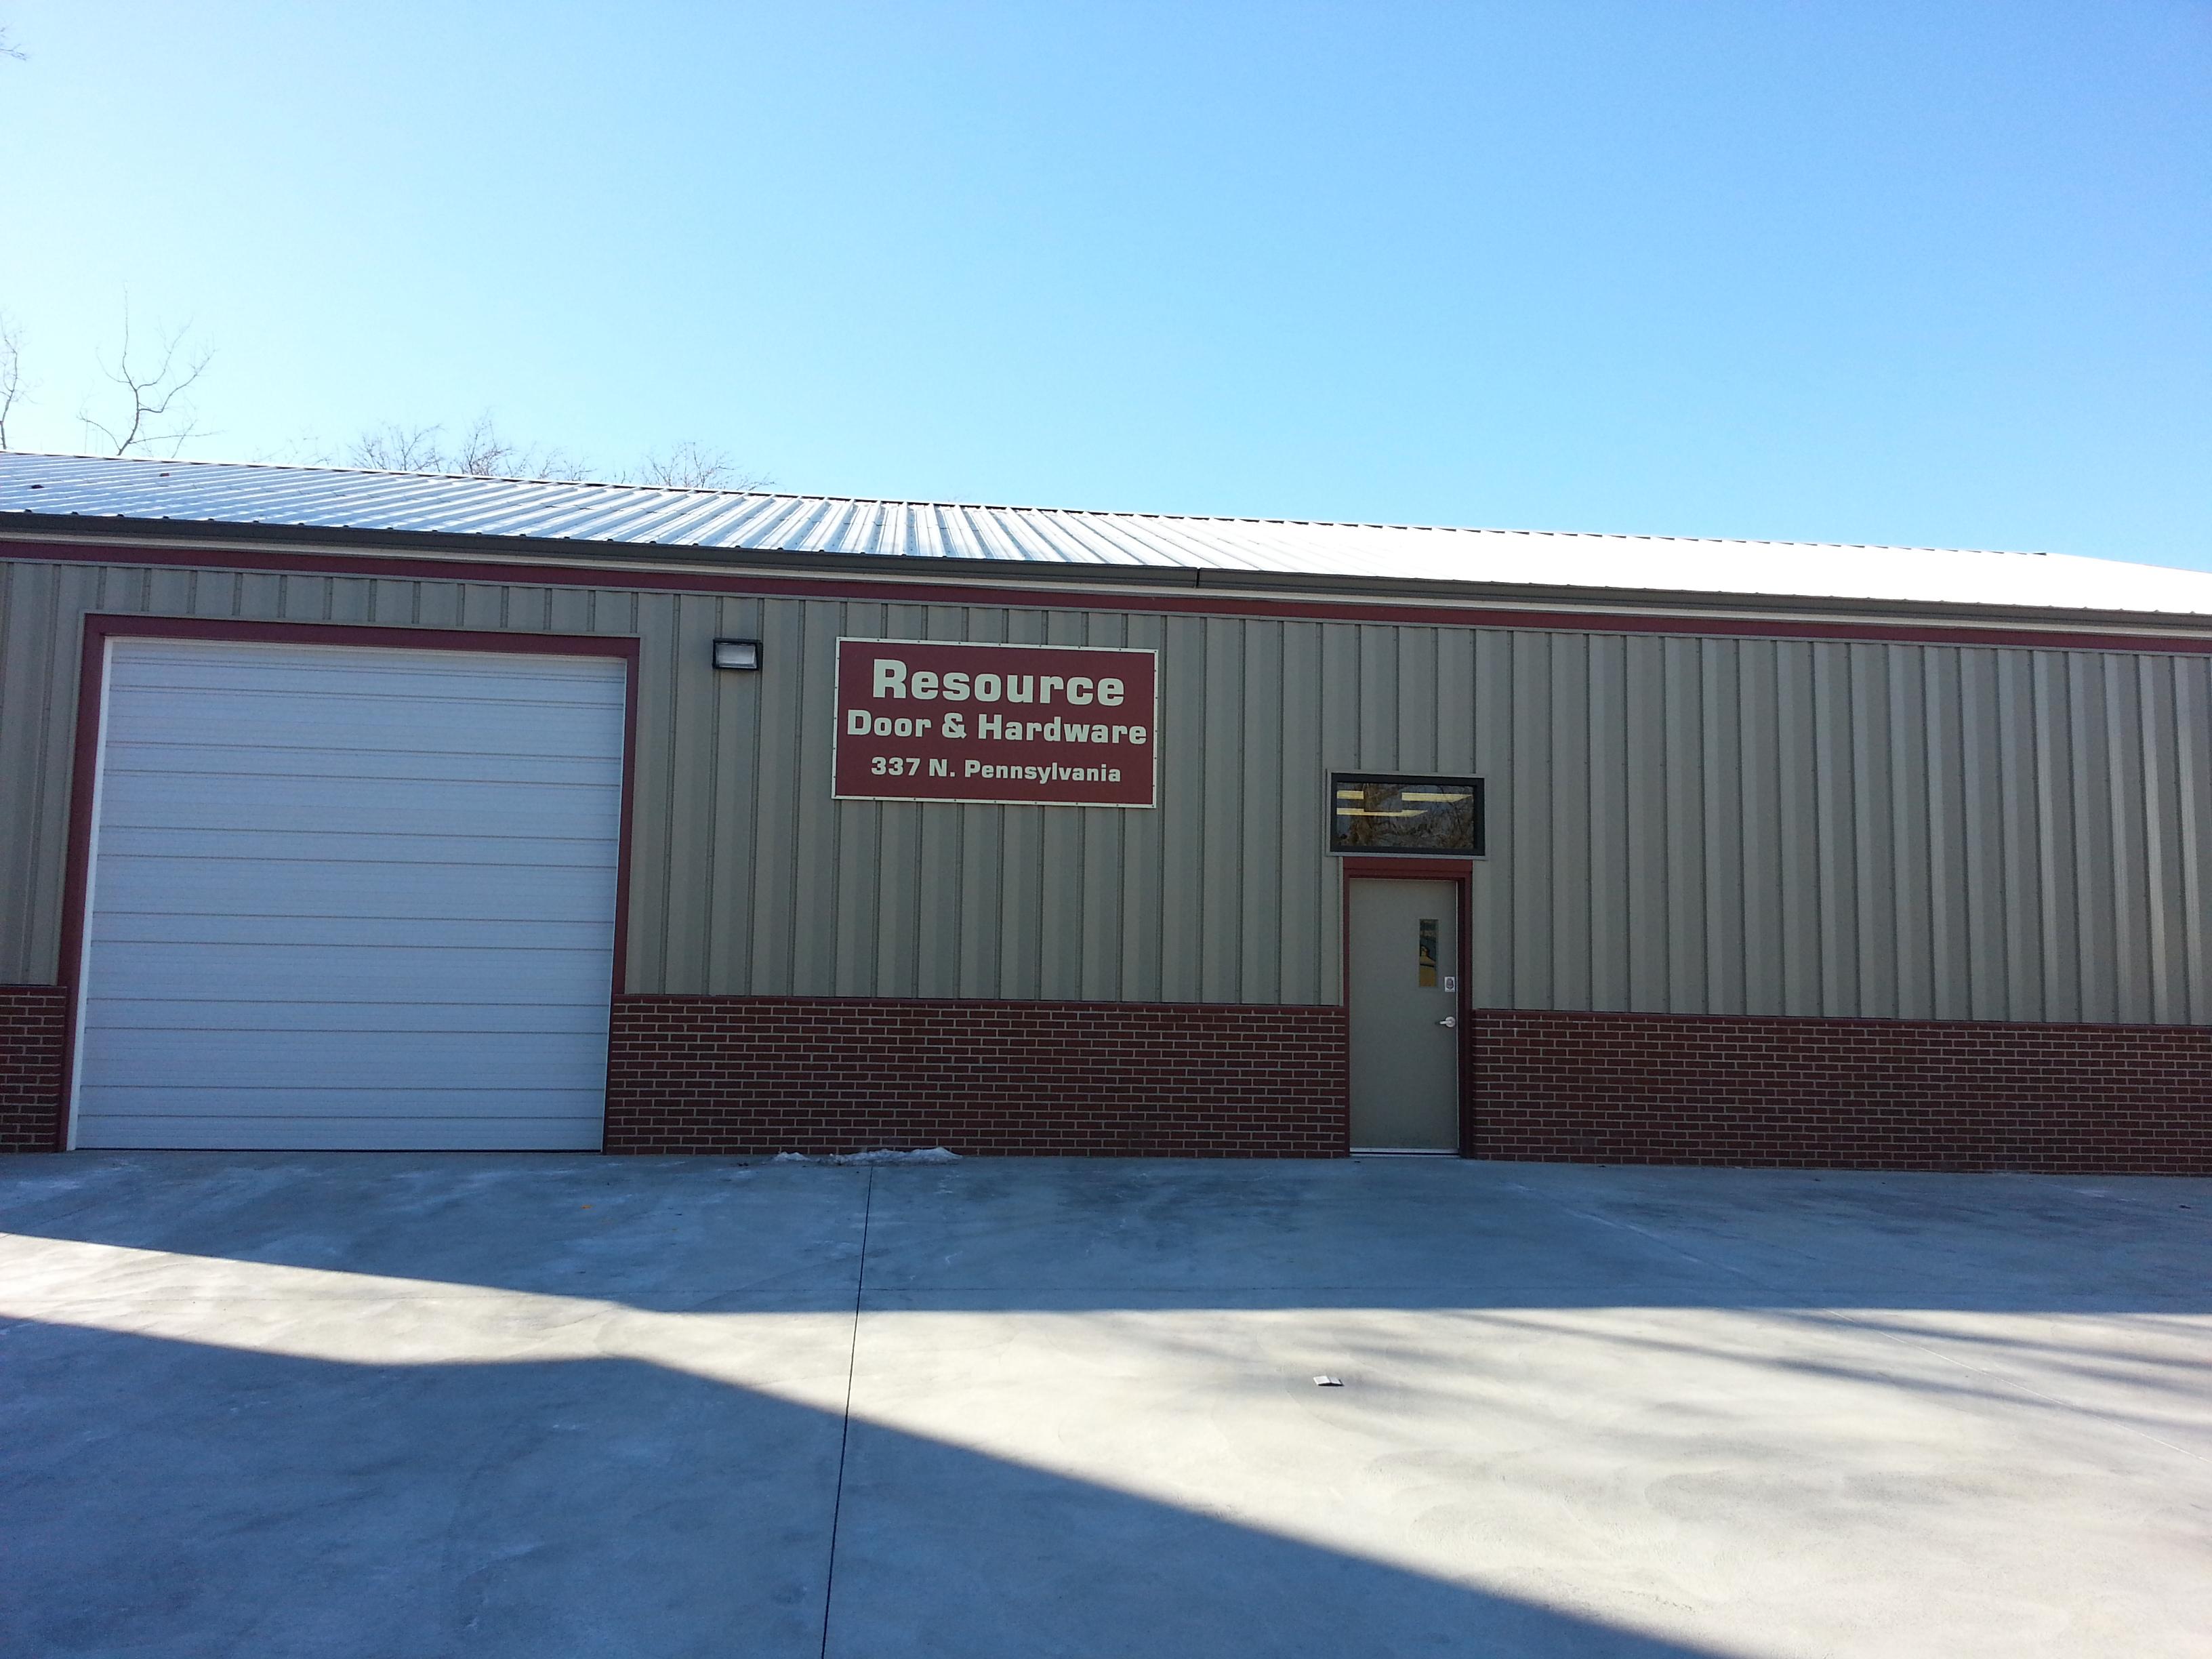 Resource Door \u0026 Hardware 337 N Pennsylvania Ave Wichita KS 67214 - YP.com & Resource Door \u0026 Hardware 337 N Pennsylvania Ave Wichita KS 67214 ...